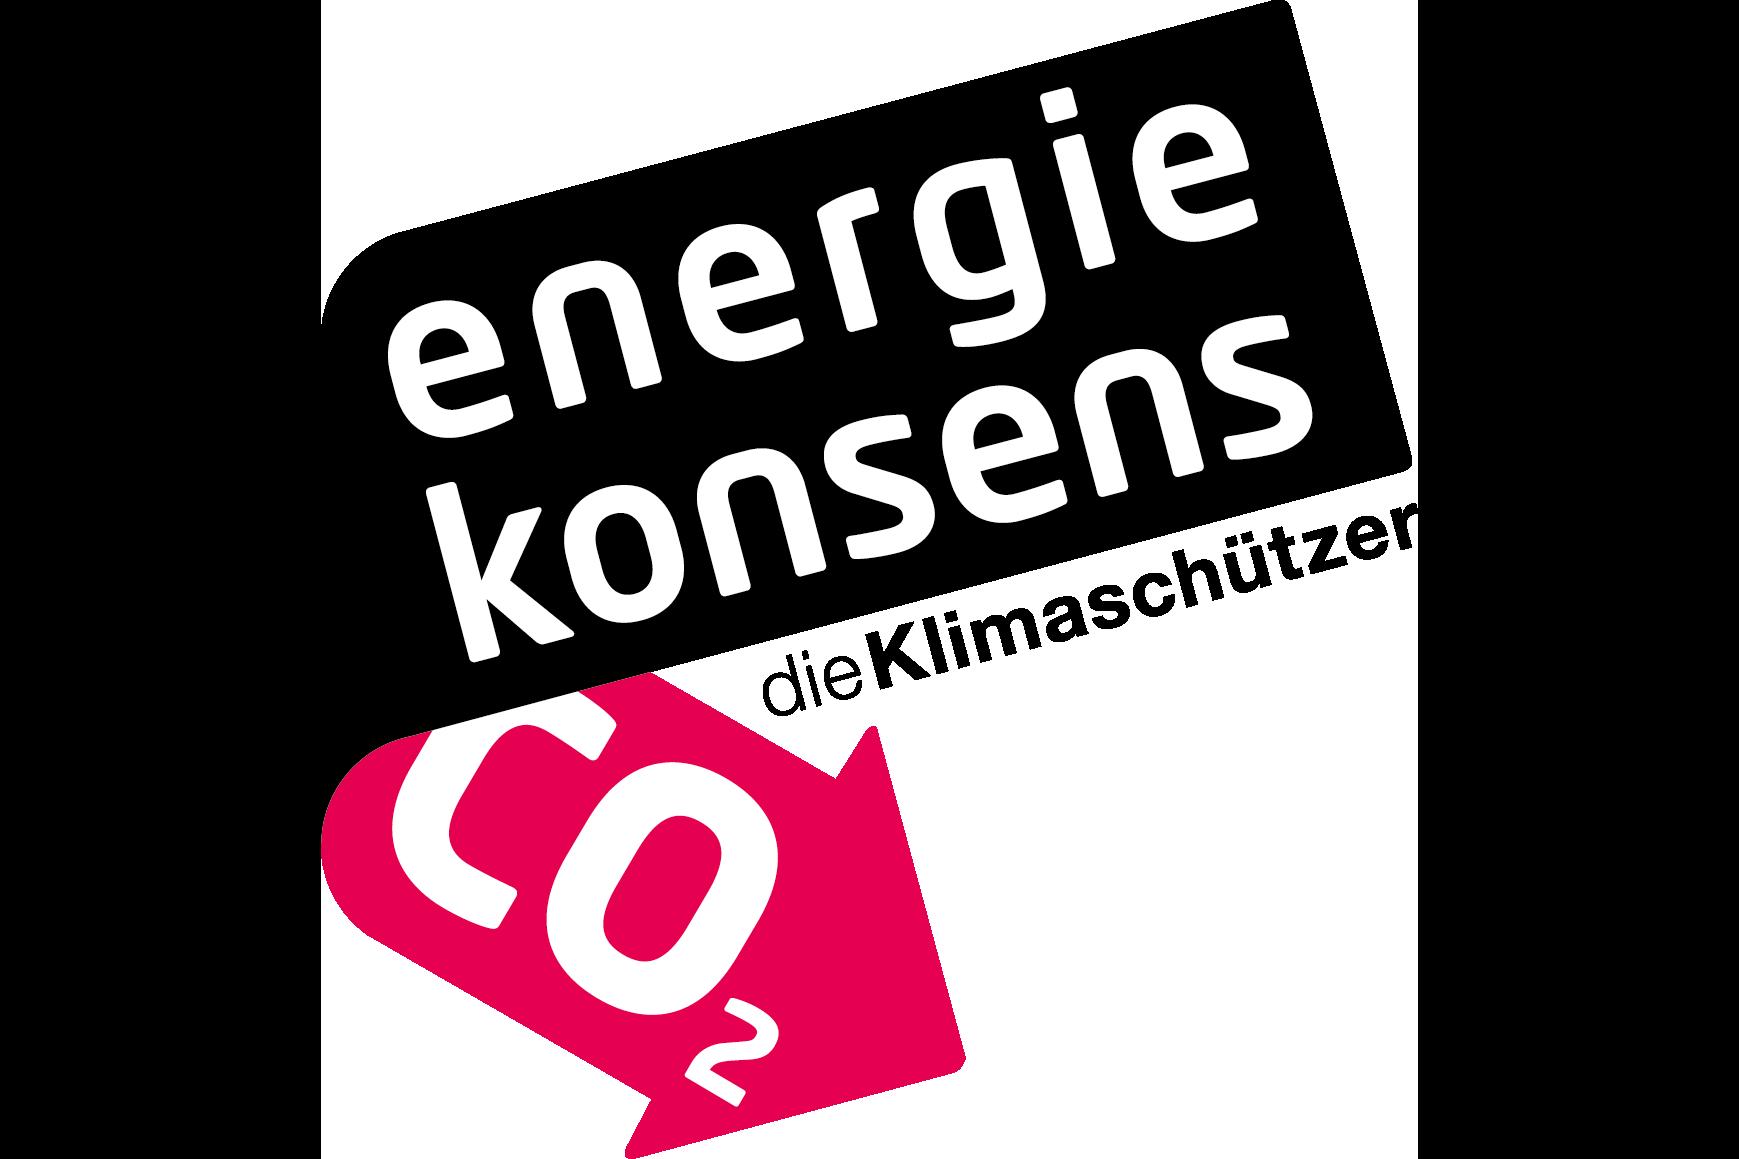 Auf dem Bild ist das Logo von energiekonsens, die Klimaschützer zu sehen.